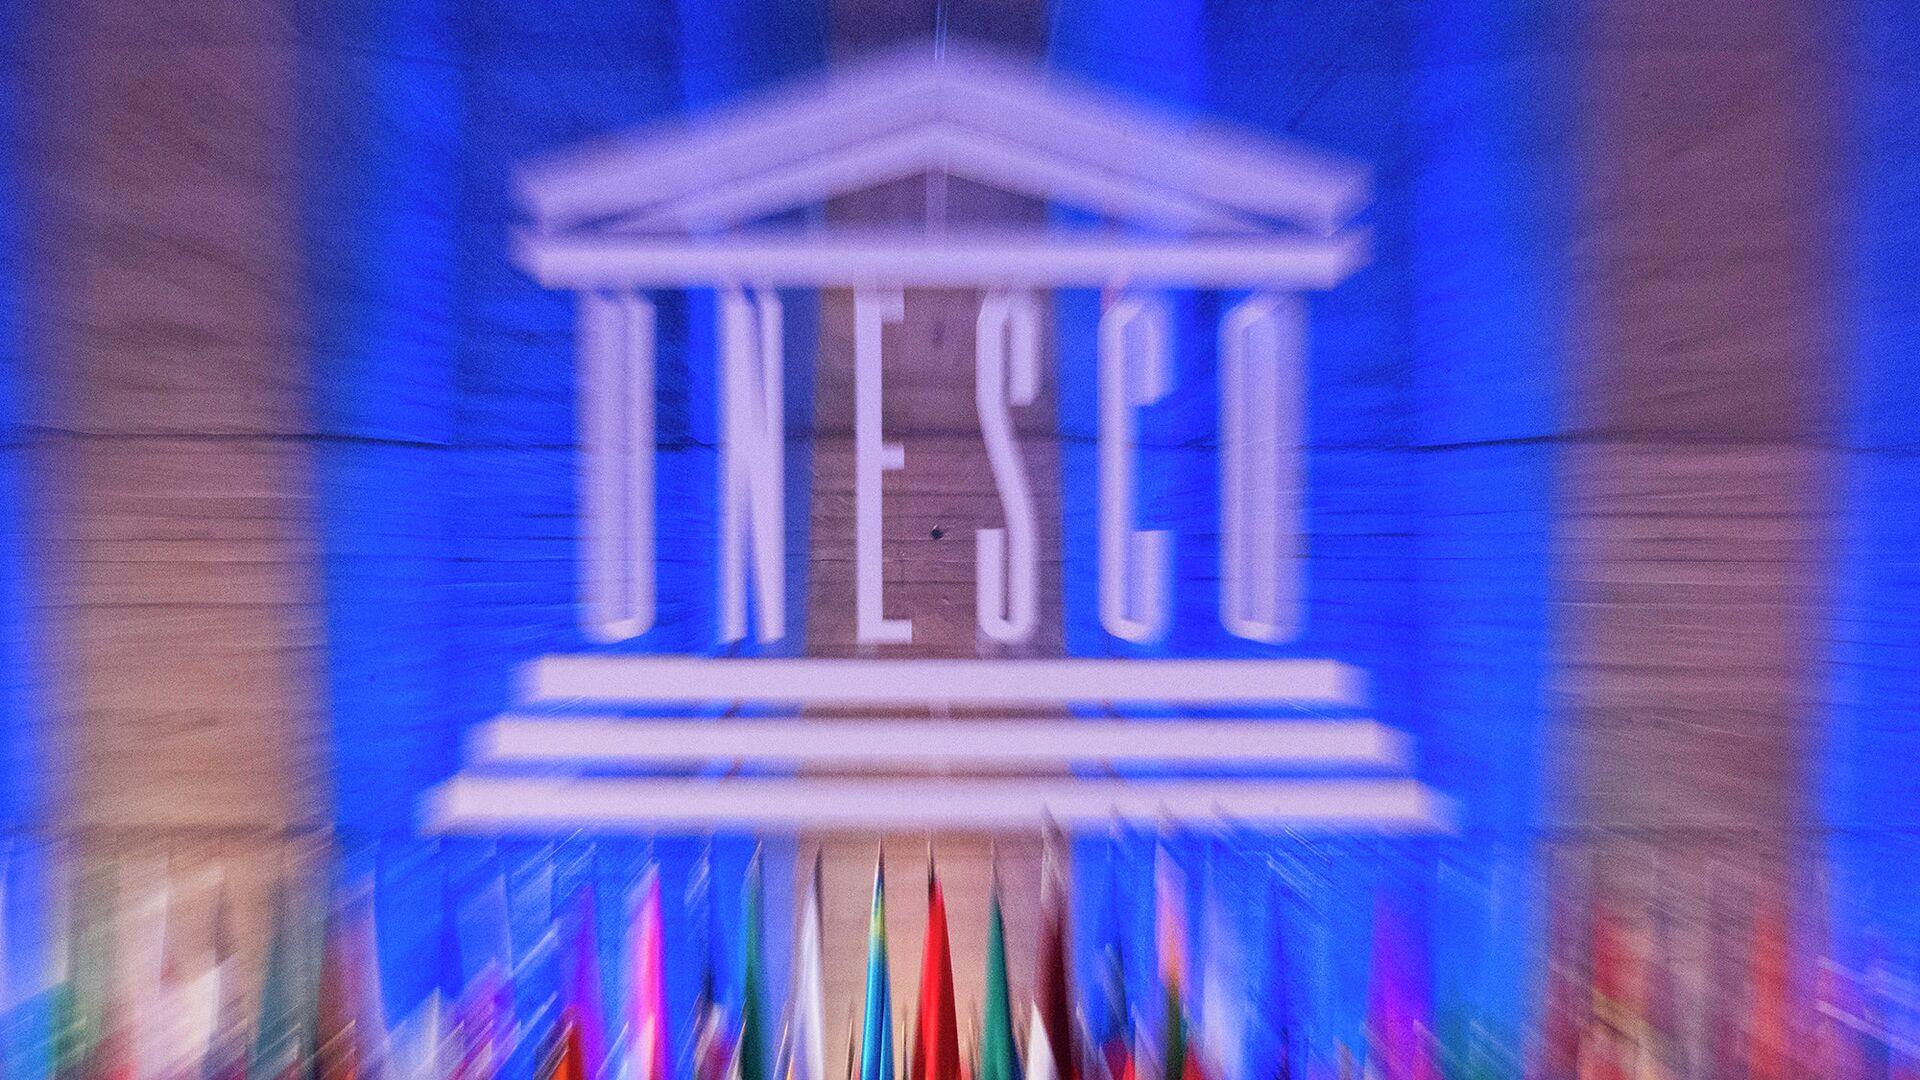 ЮНЕСКО. Архивное фото - РИА Новости, 1920, 12.11.2020